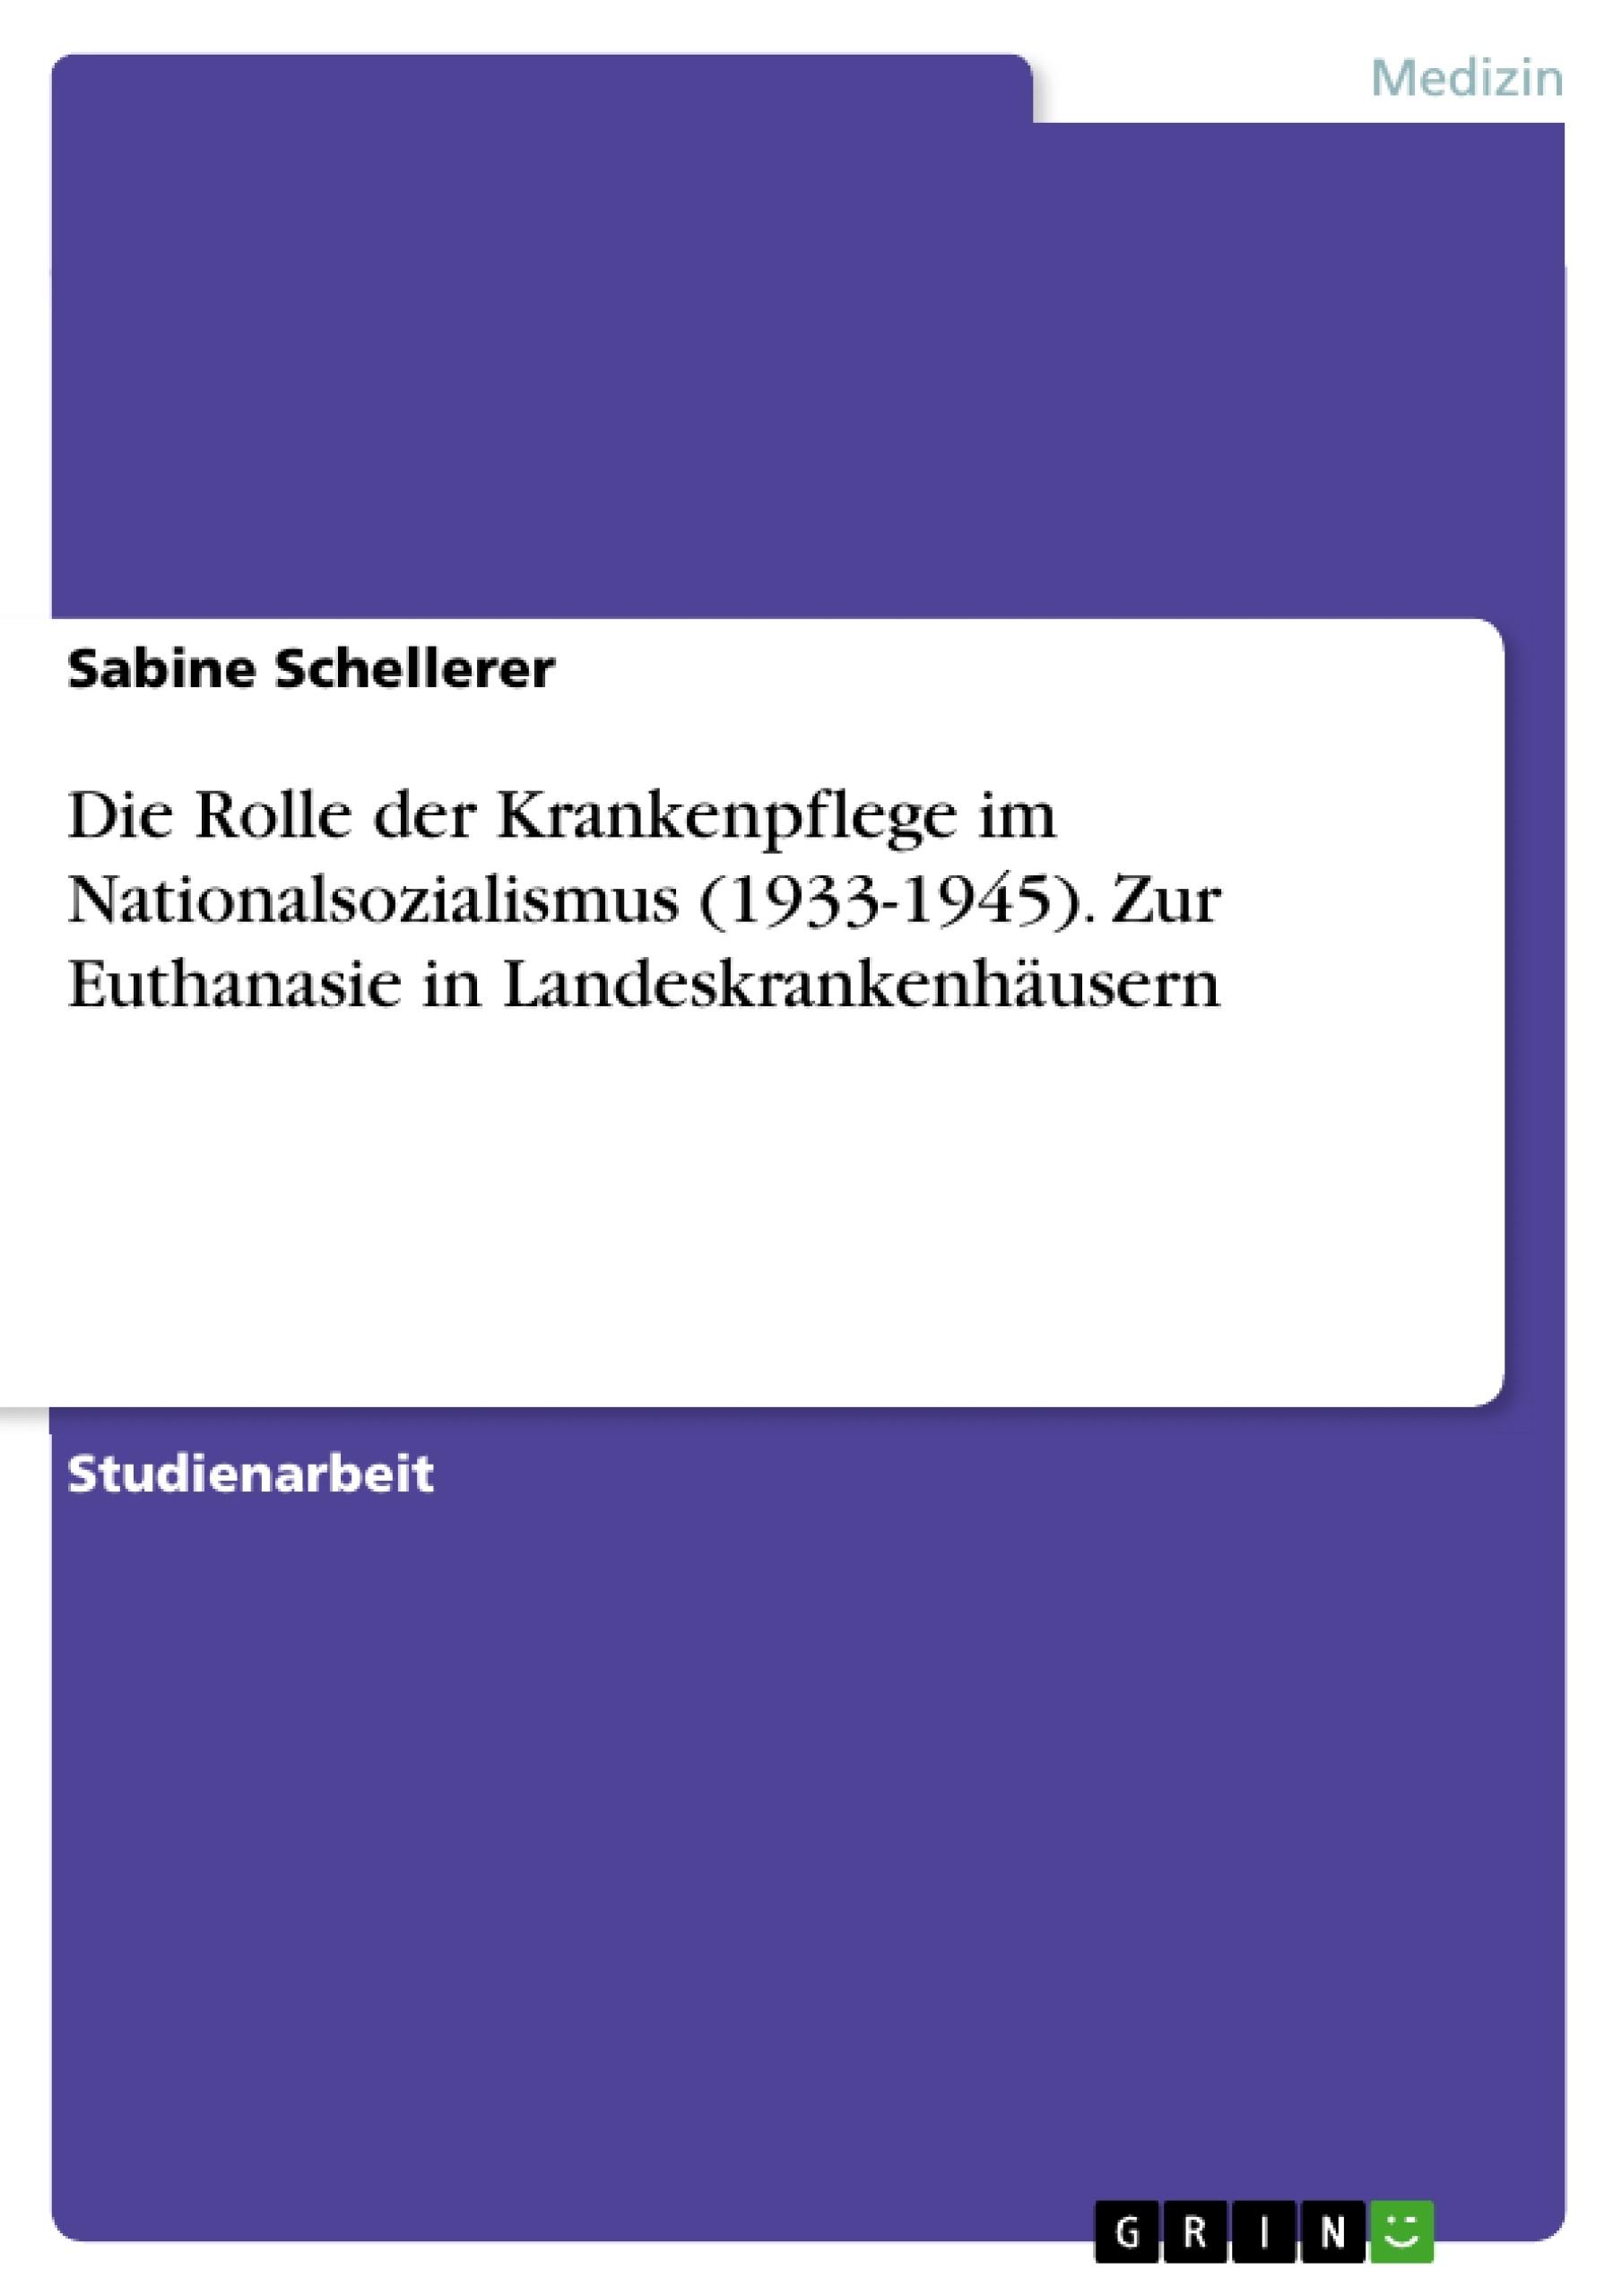 Titel: Die Rolle der Krankenpflege im Nationalsozialismus (1933-1945). Zur Euthanasie in Landeskrankenhäusern